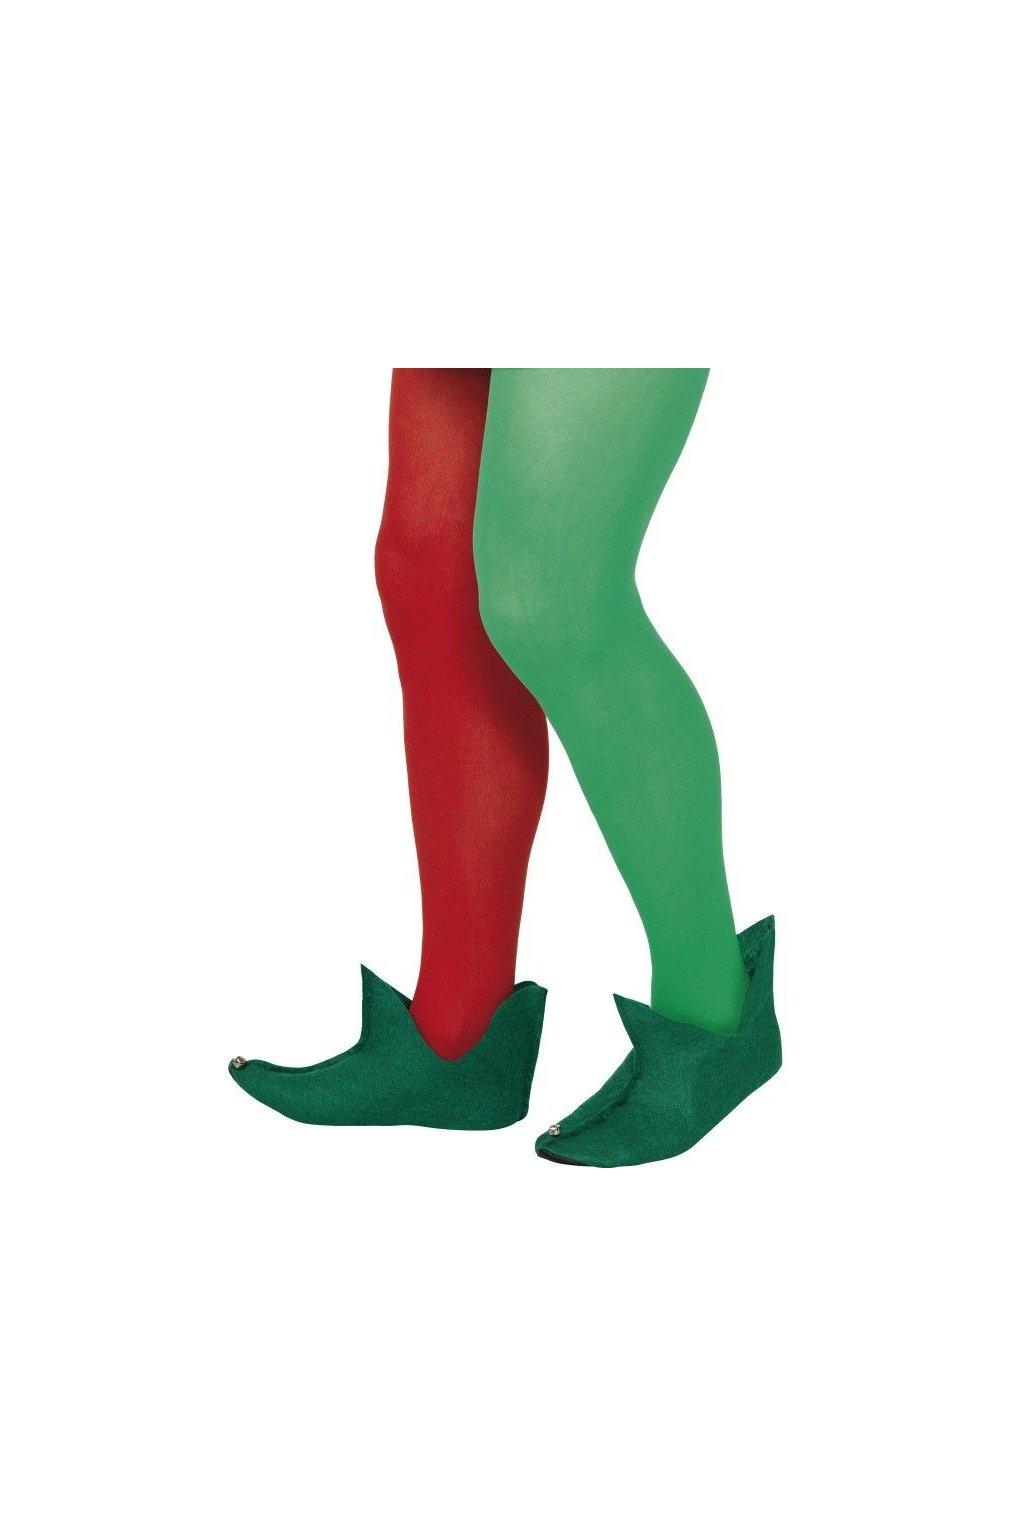 Boty Elf s rolničkami